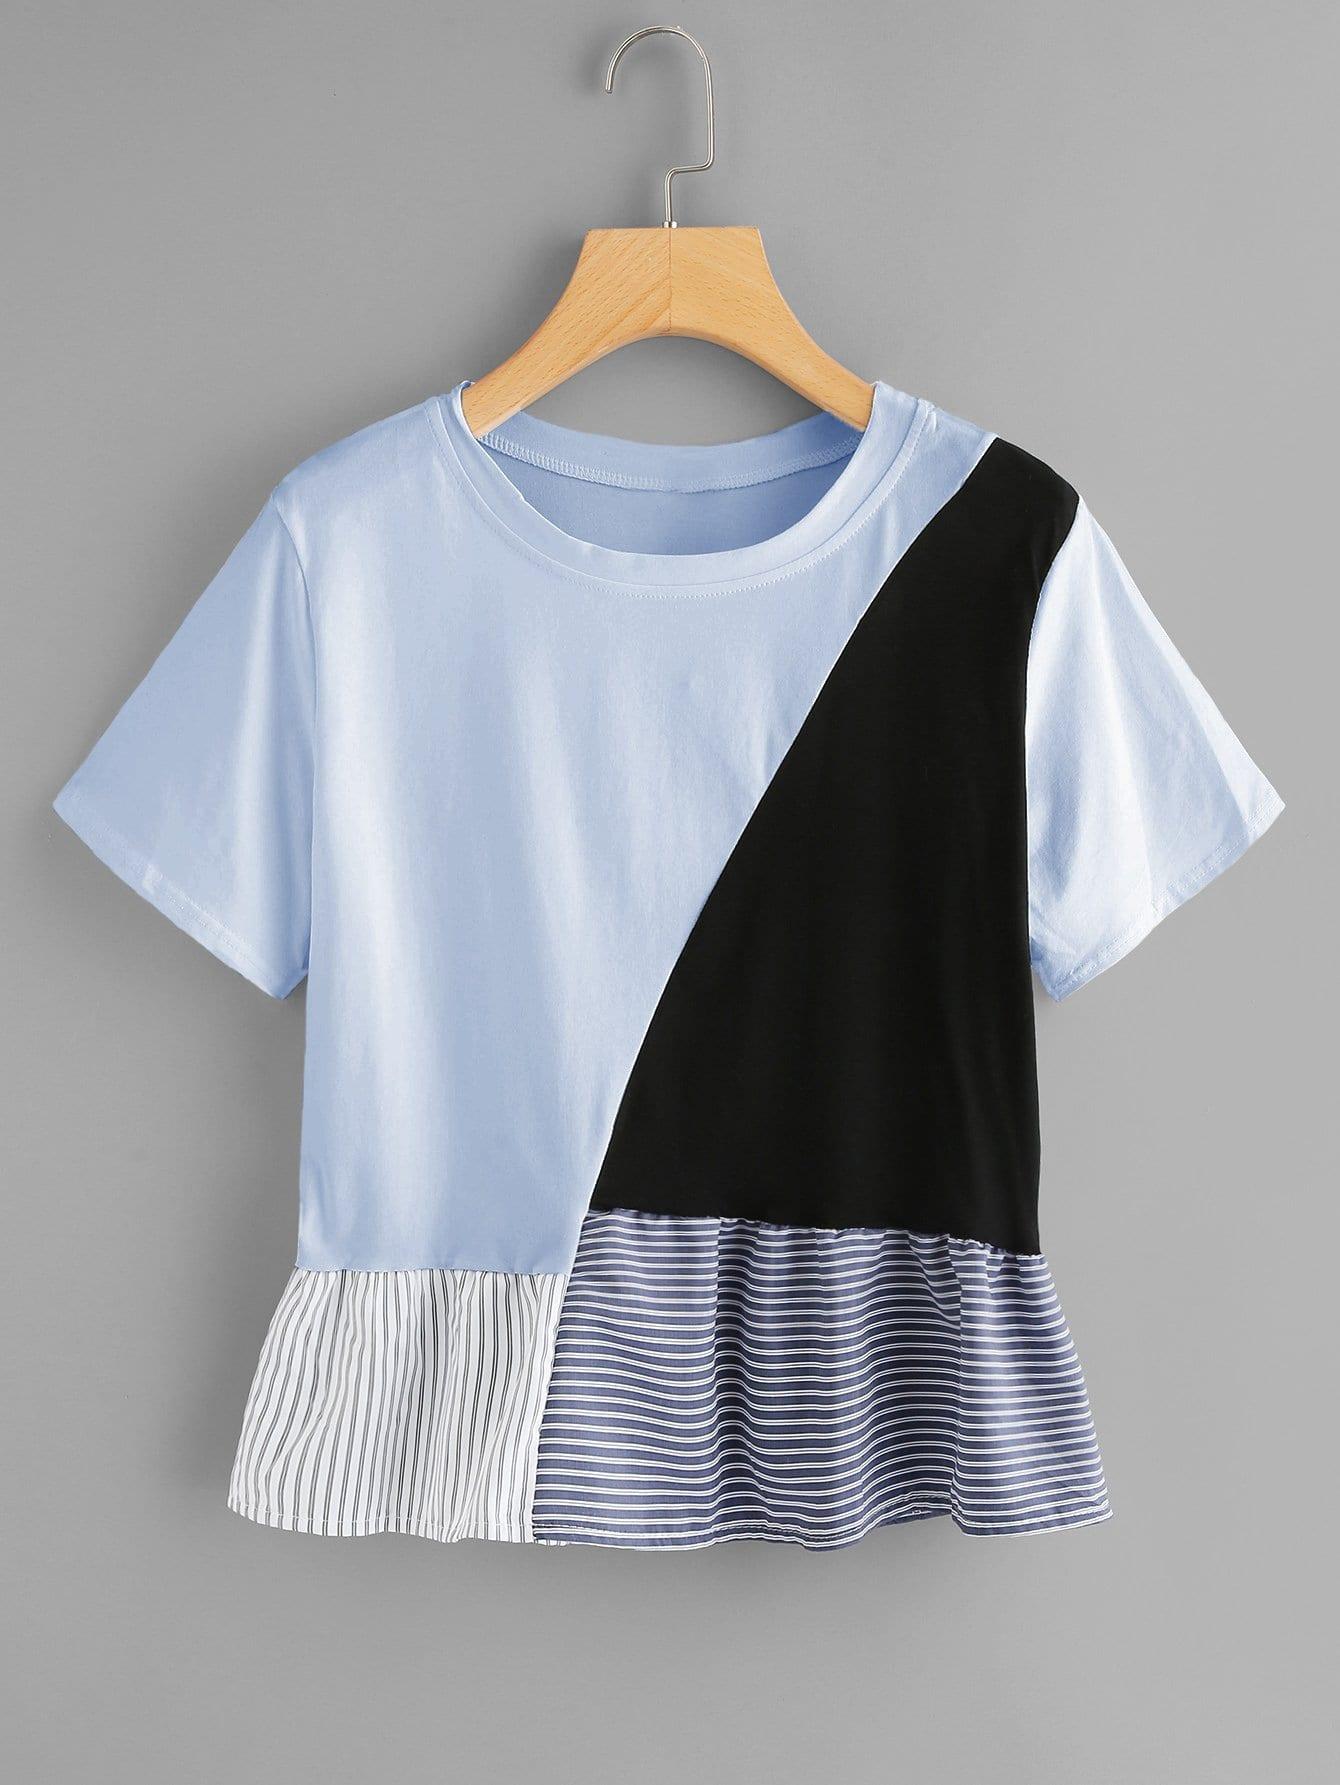 Купить Цветная кусковая футболка и подол с розеткой, null, SheIn